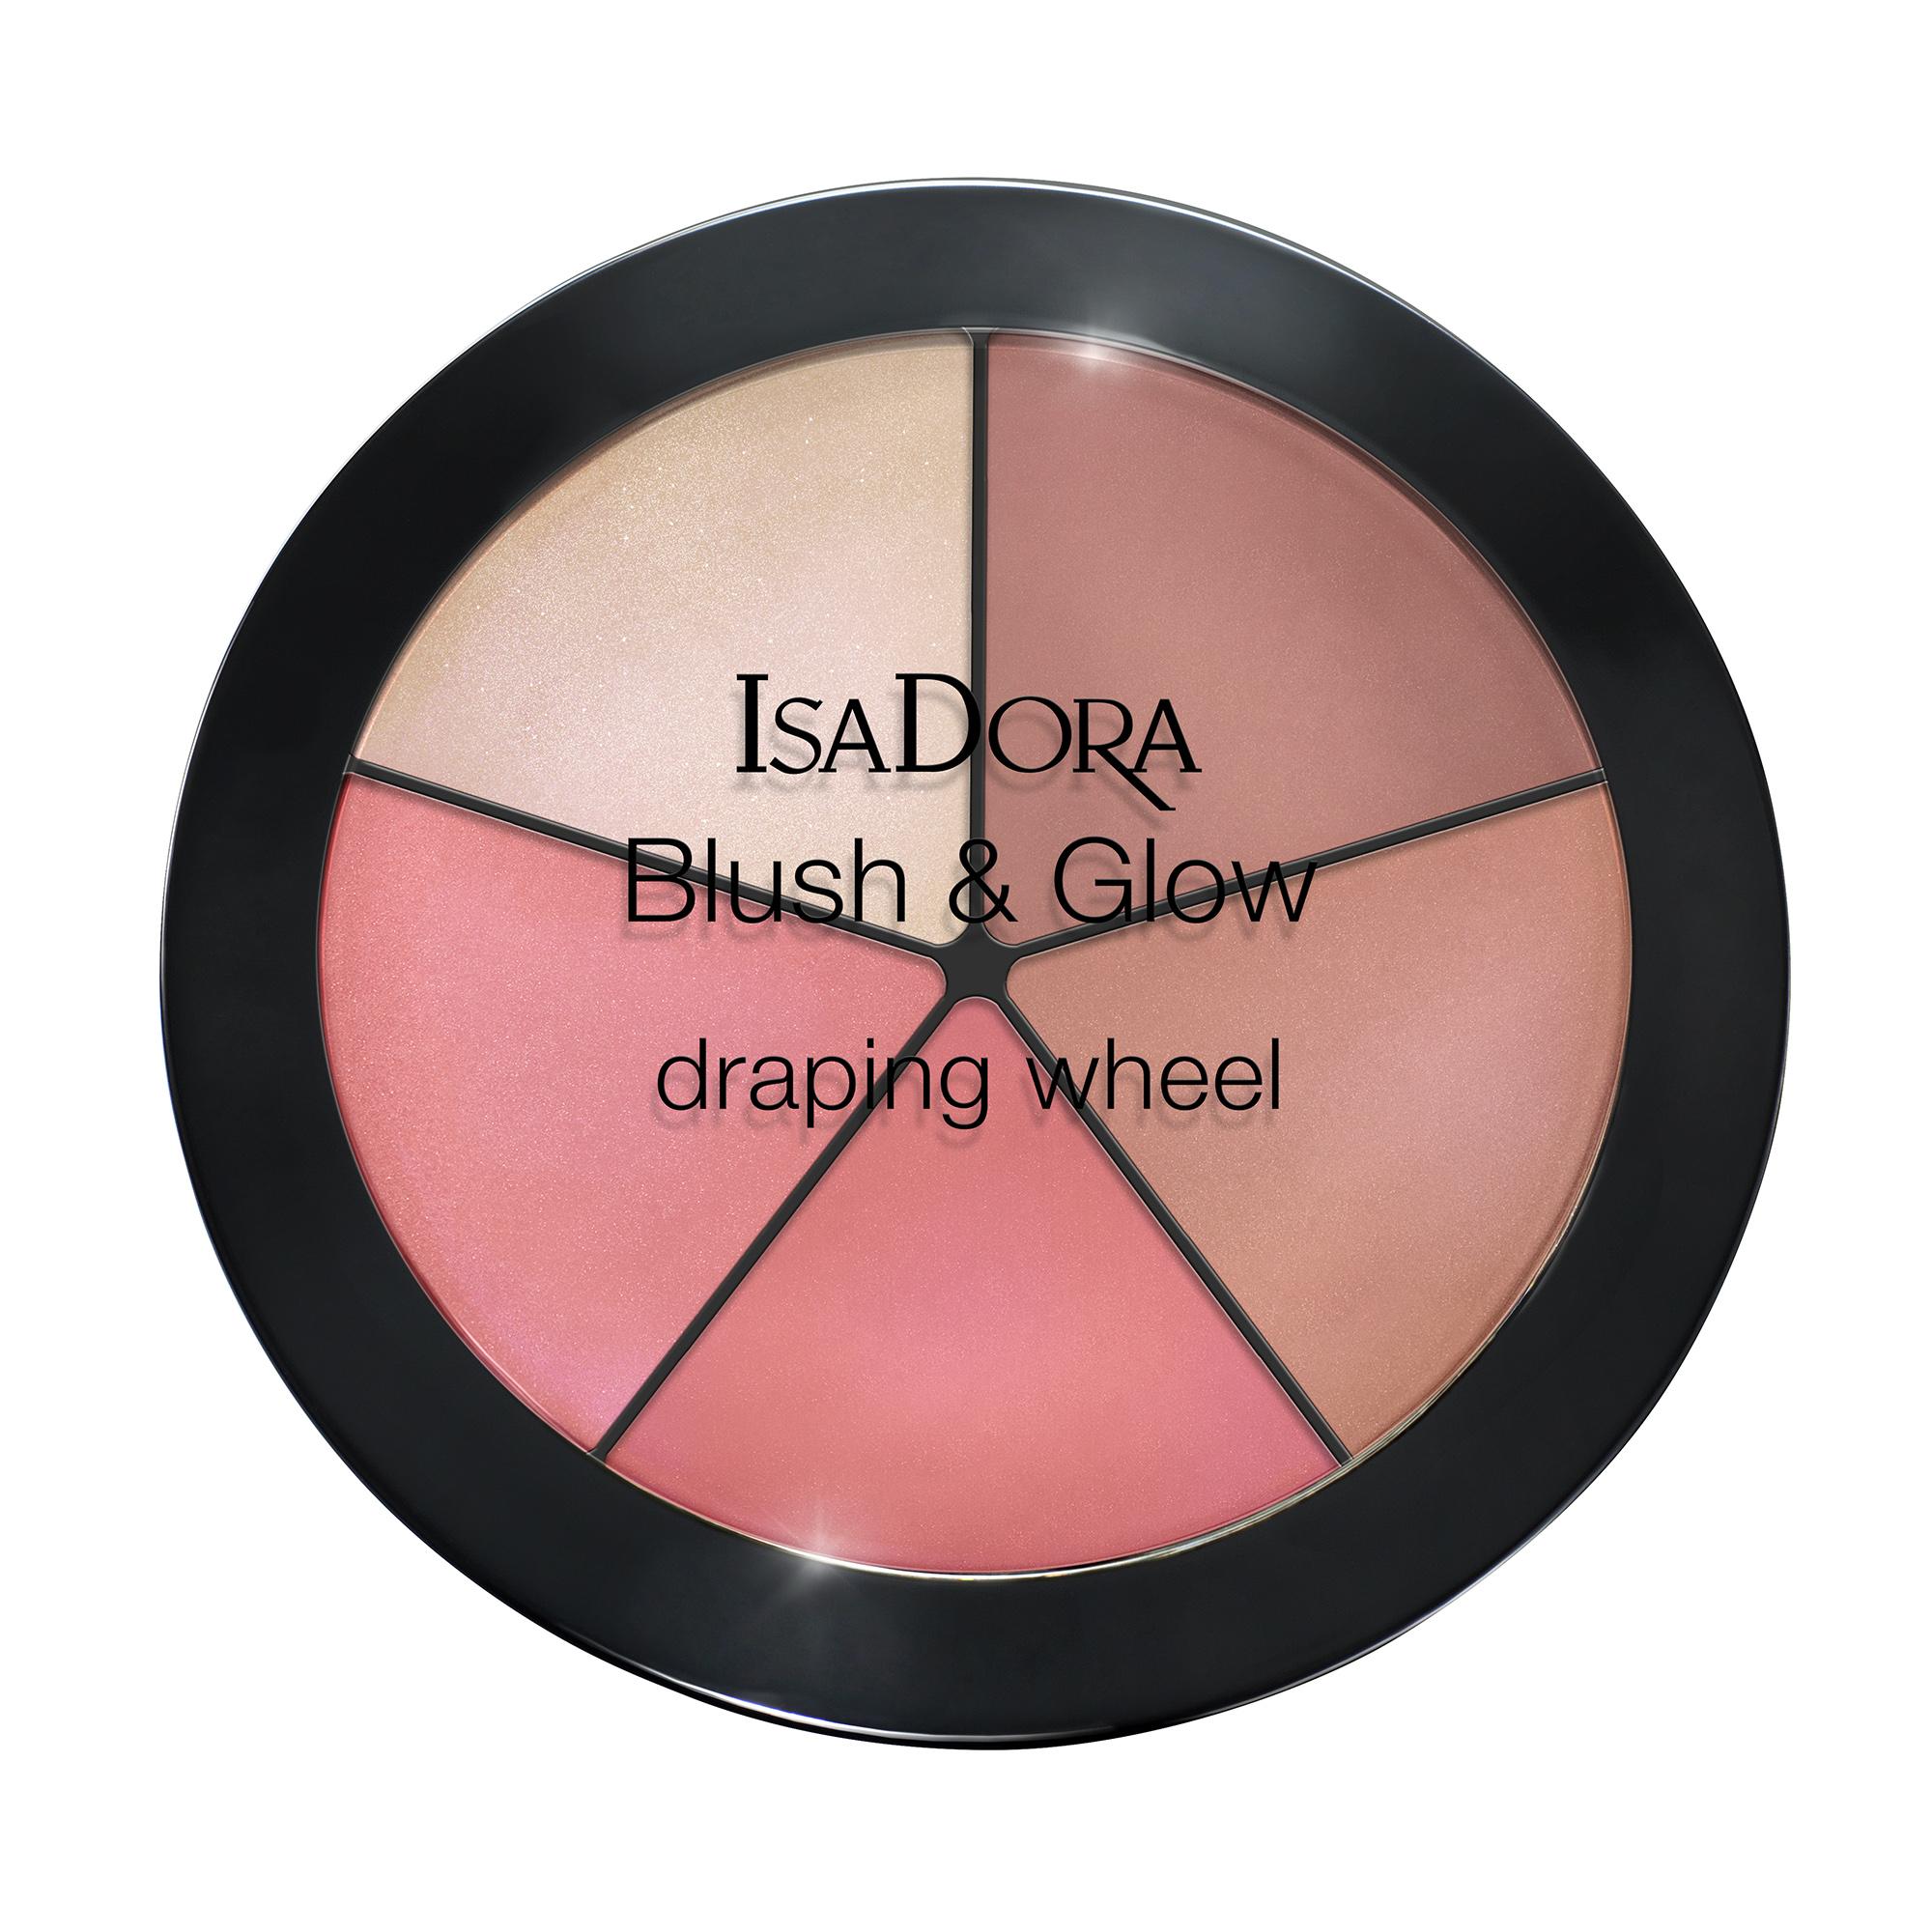 Blush & Glow Draping Wheel 55 Peachy Rose Pop